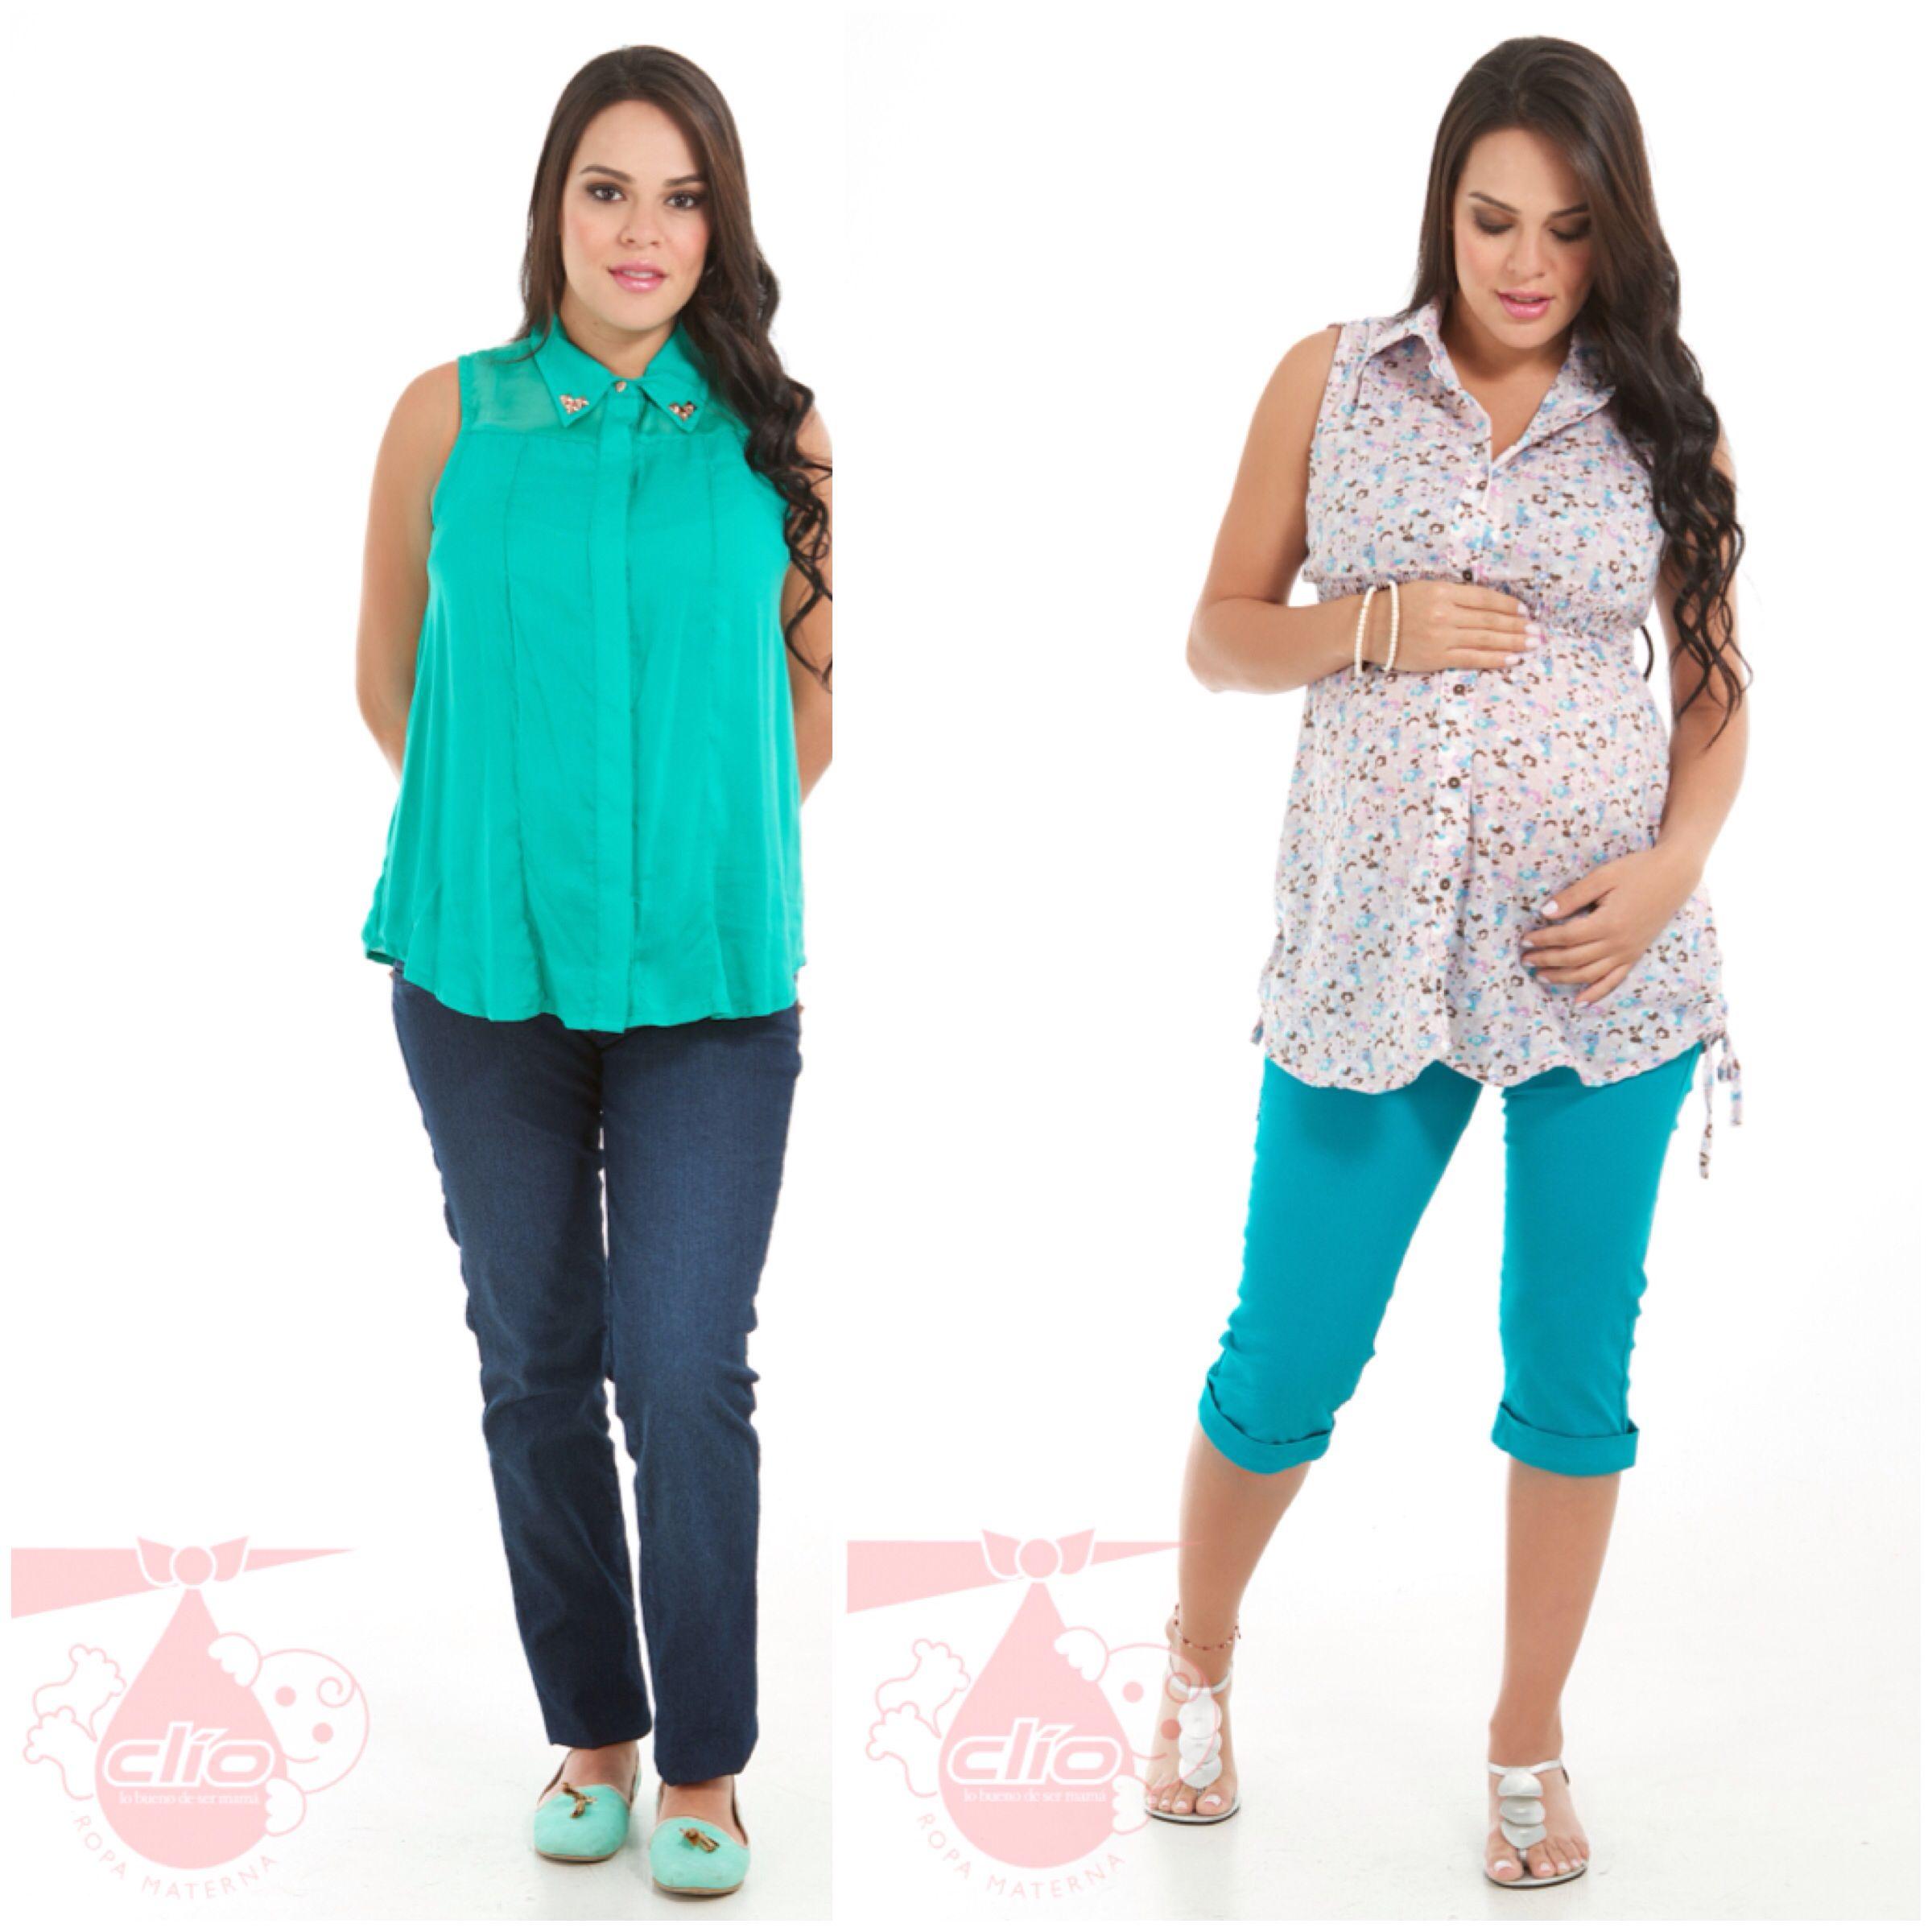 bcb9d419d Nuevos diseños de  ropa  materna en www.clioropamaterna.com.  Moda en ropa  para embarazadas o ropa  premamá